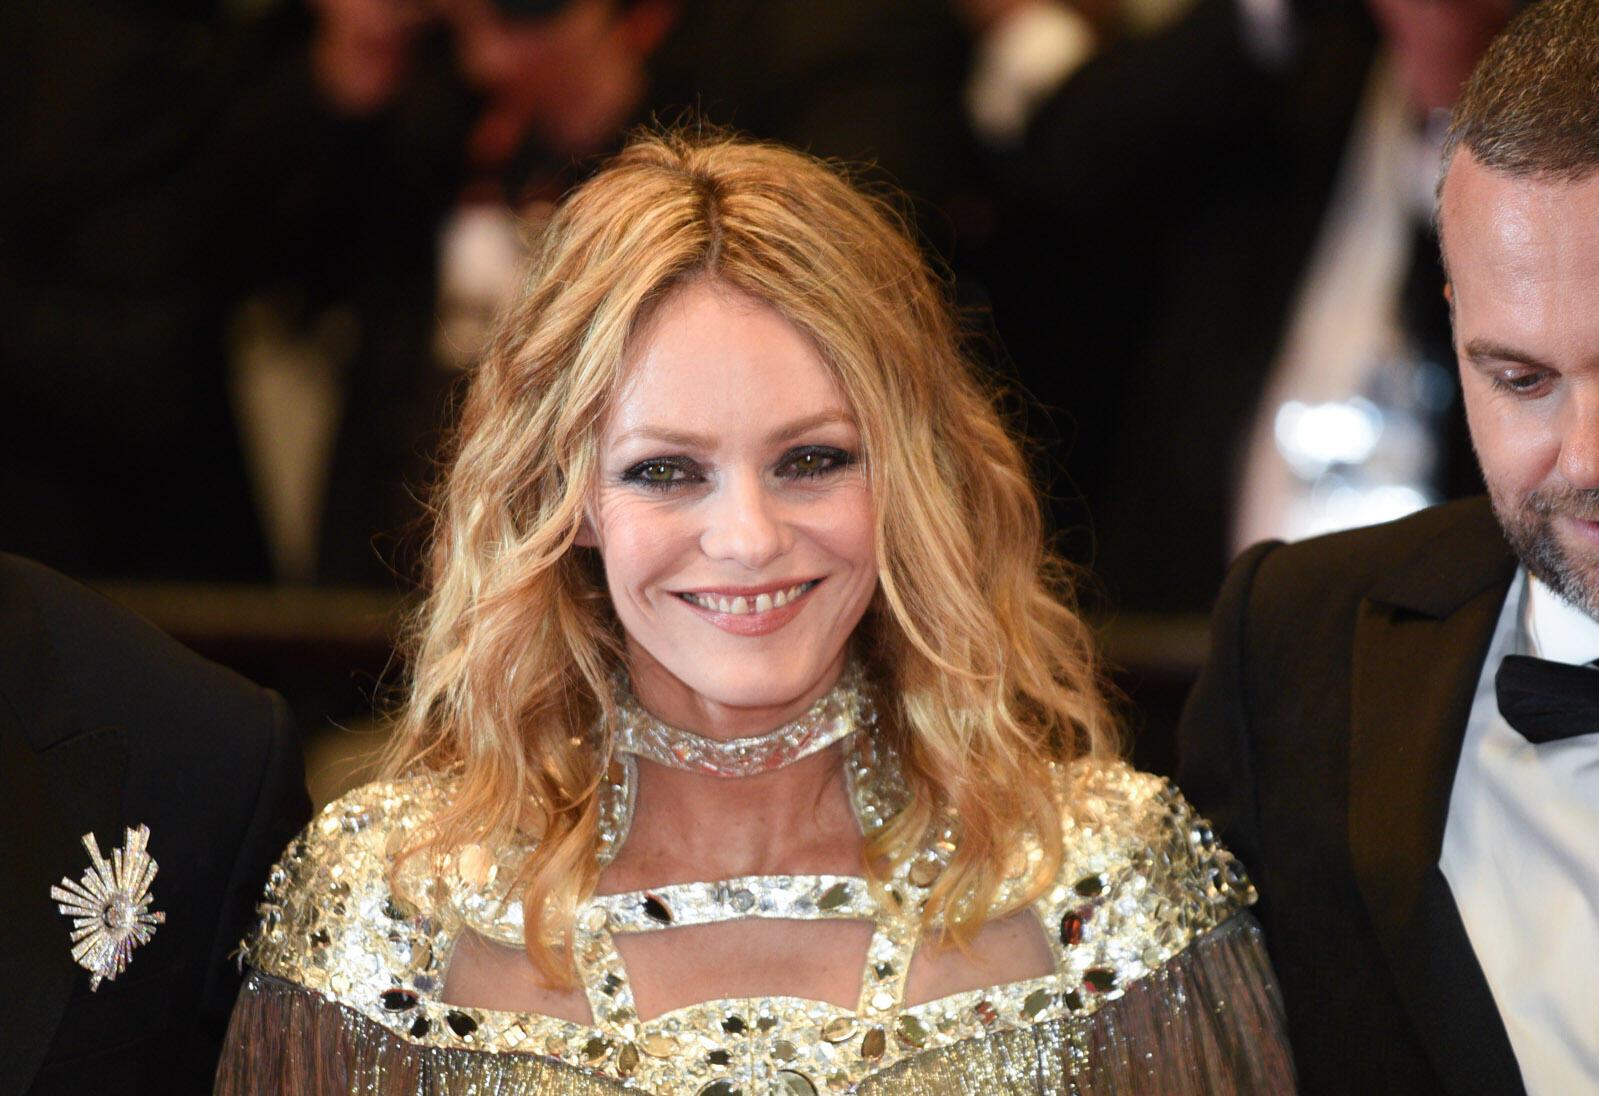 """حضور الممثلة الفرنسية فانيسا بارادي في مهرجان كان لتسويق فيلمها """"سكين في القلب"""" حيث تلعب فيه دور منتجة أفلام إباحية ومثلية في السبعينيات."""